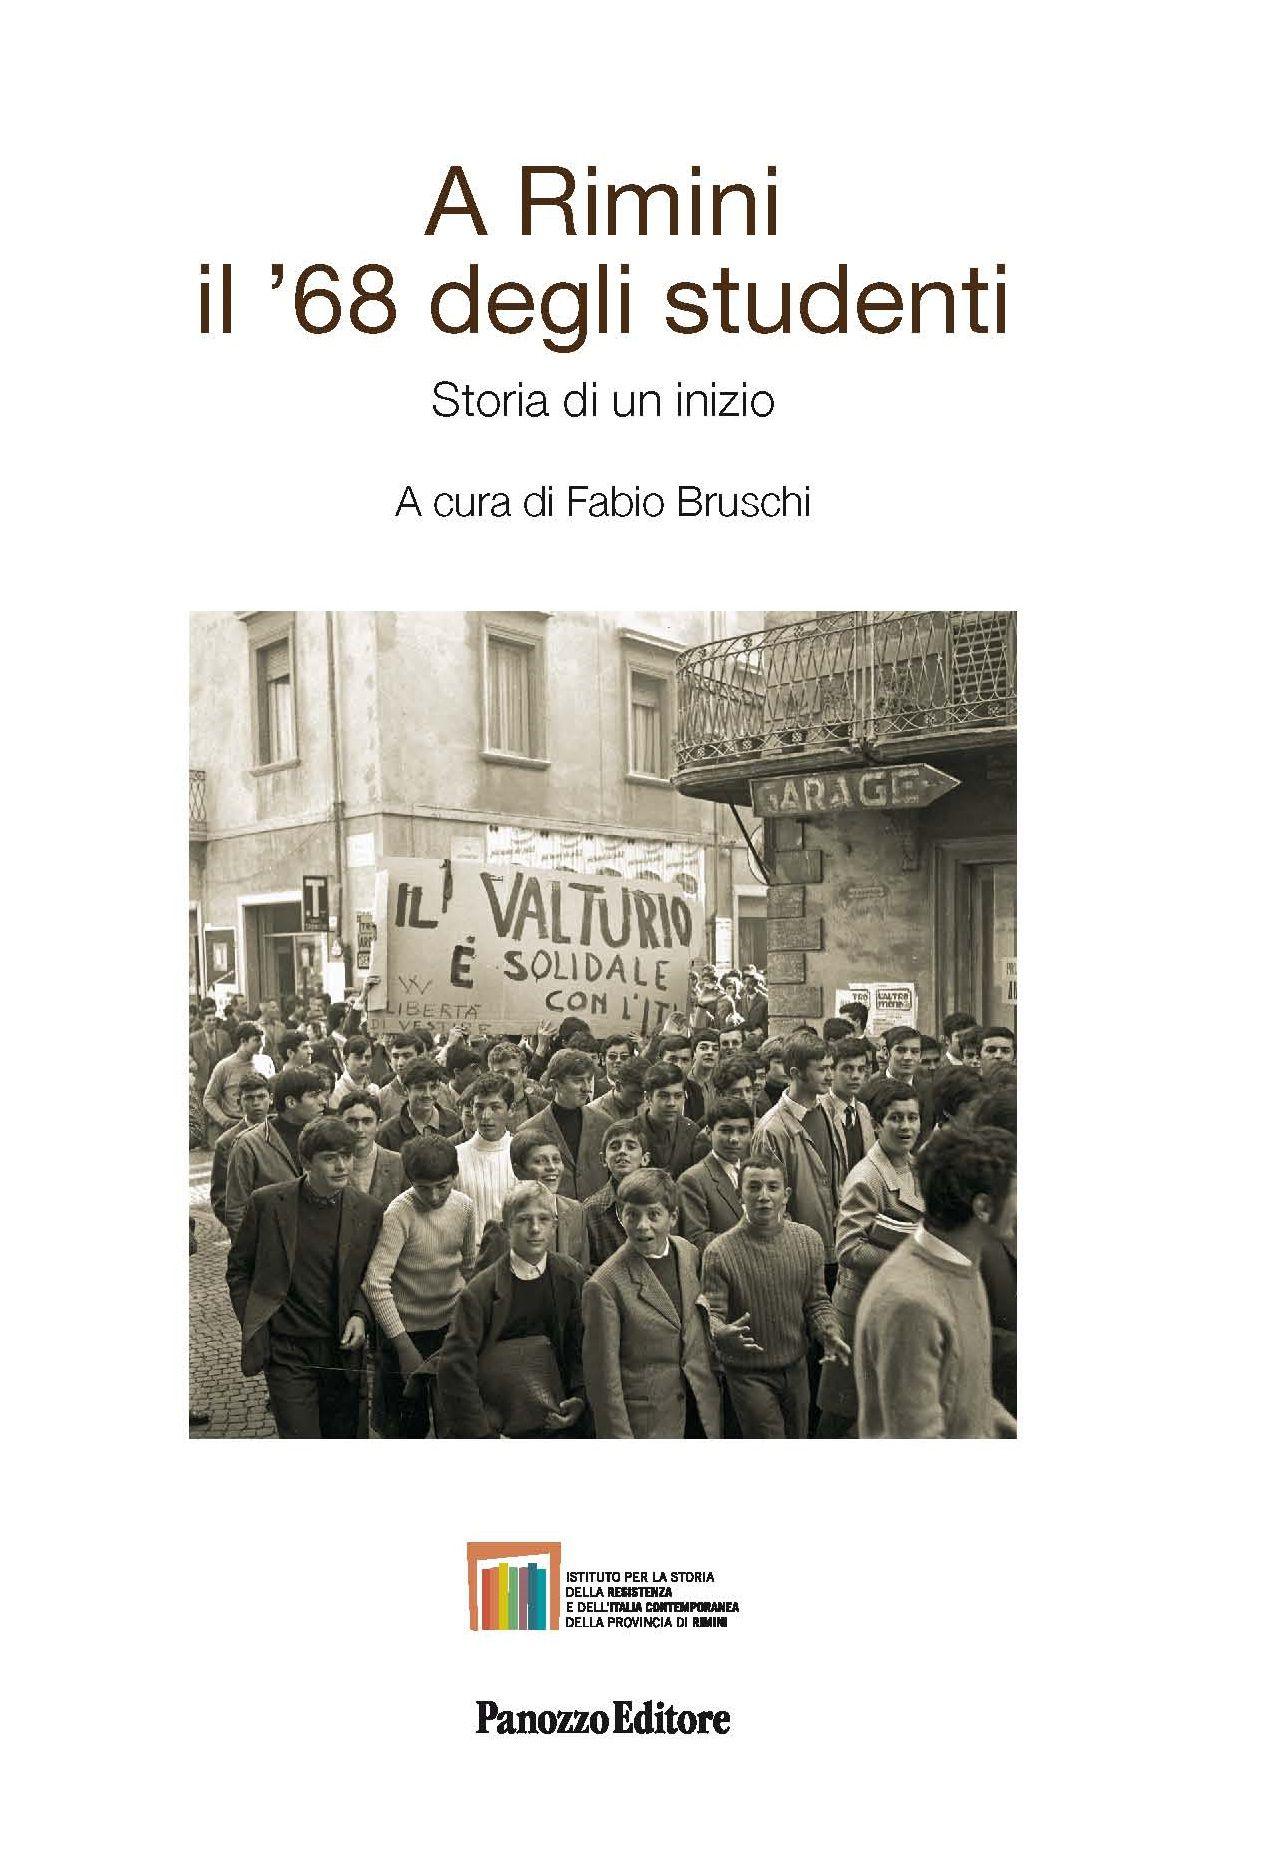 A Rimini il '68 degli studenti